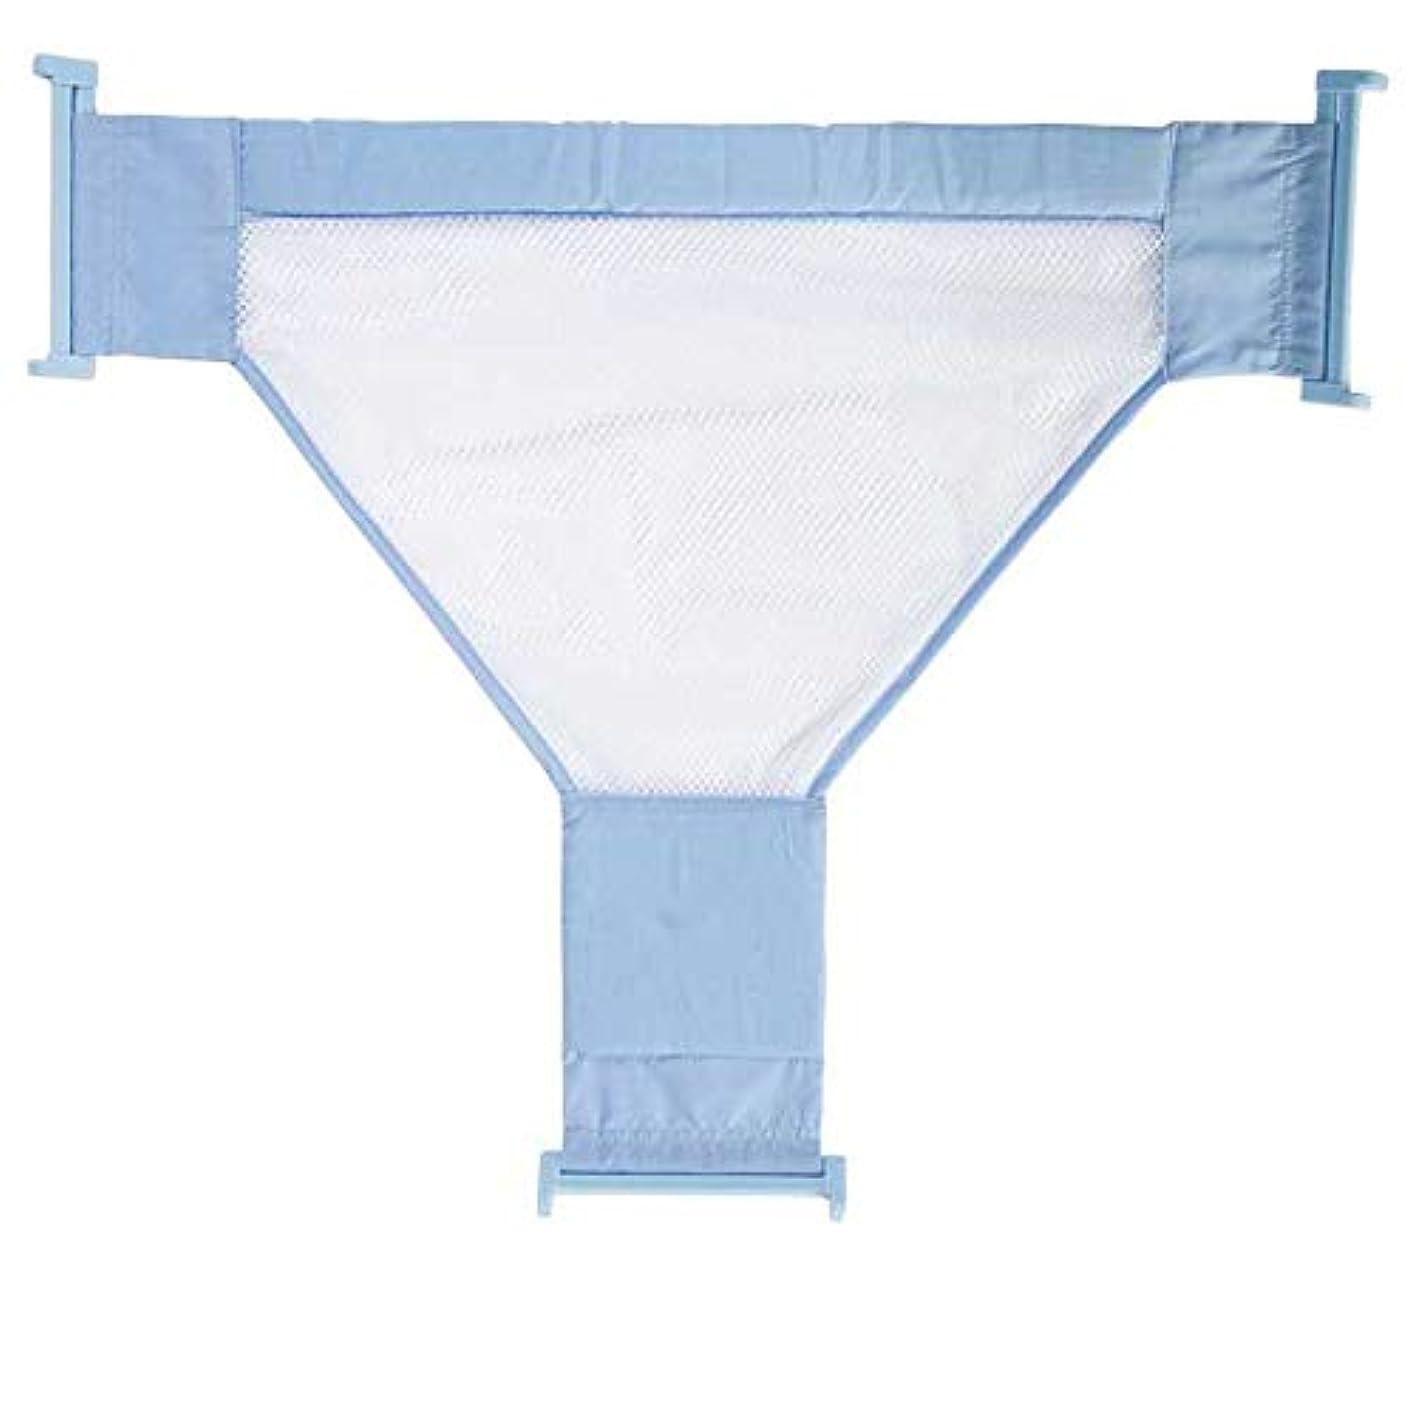 割合会社錆びOniorT型 調節可能 浴室 ネット 安全 防護 浴槽網 ネットカバー 入浴 サスペンダー 滑り止め 浴槽網 青